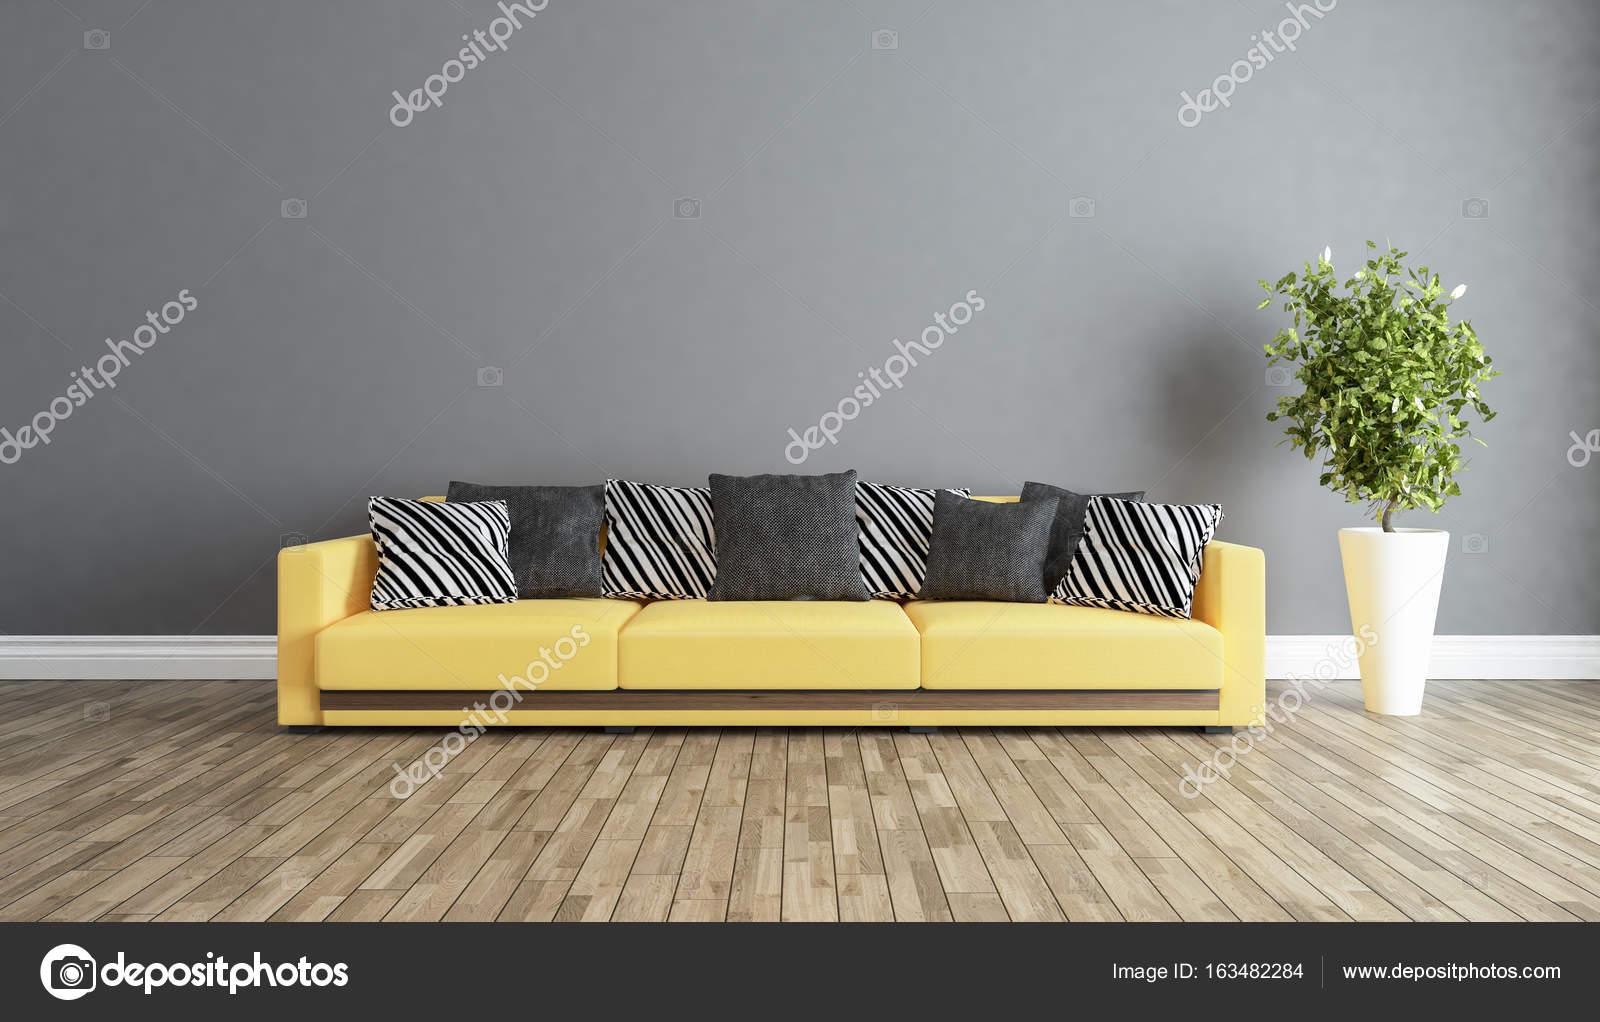 woonkamer met grijze muur interieur design idee — Stockfoto © sseven ...